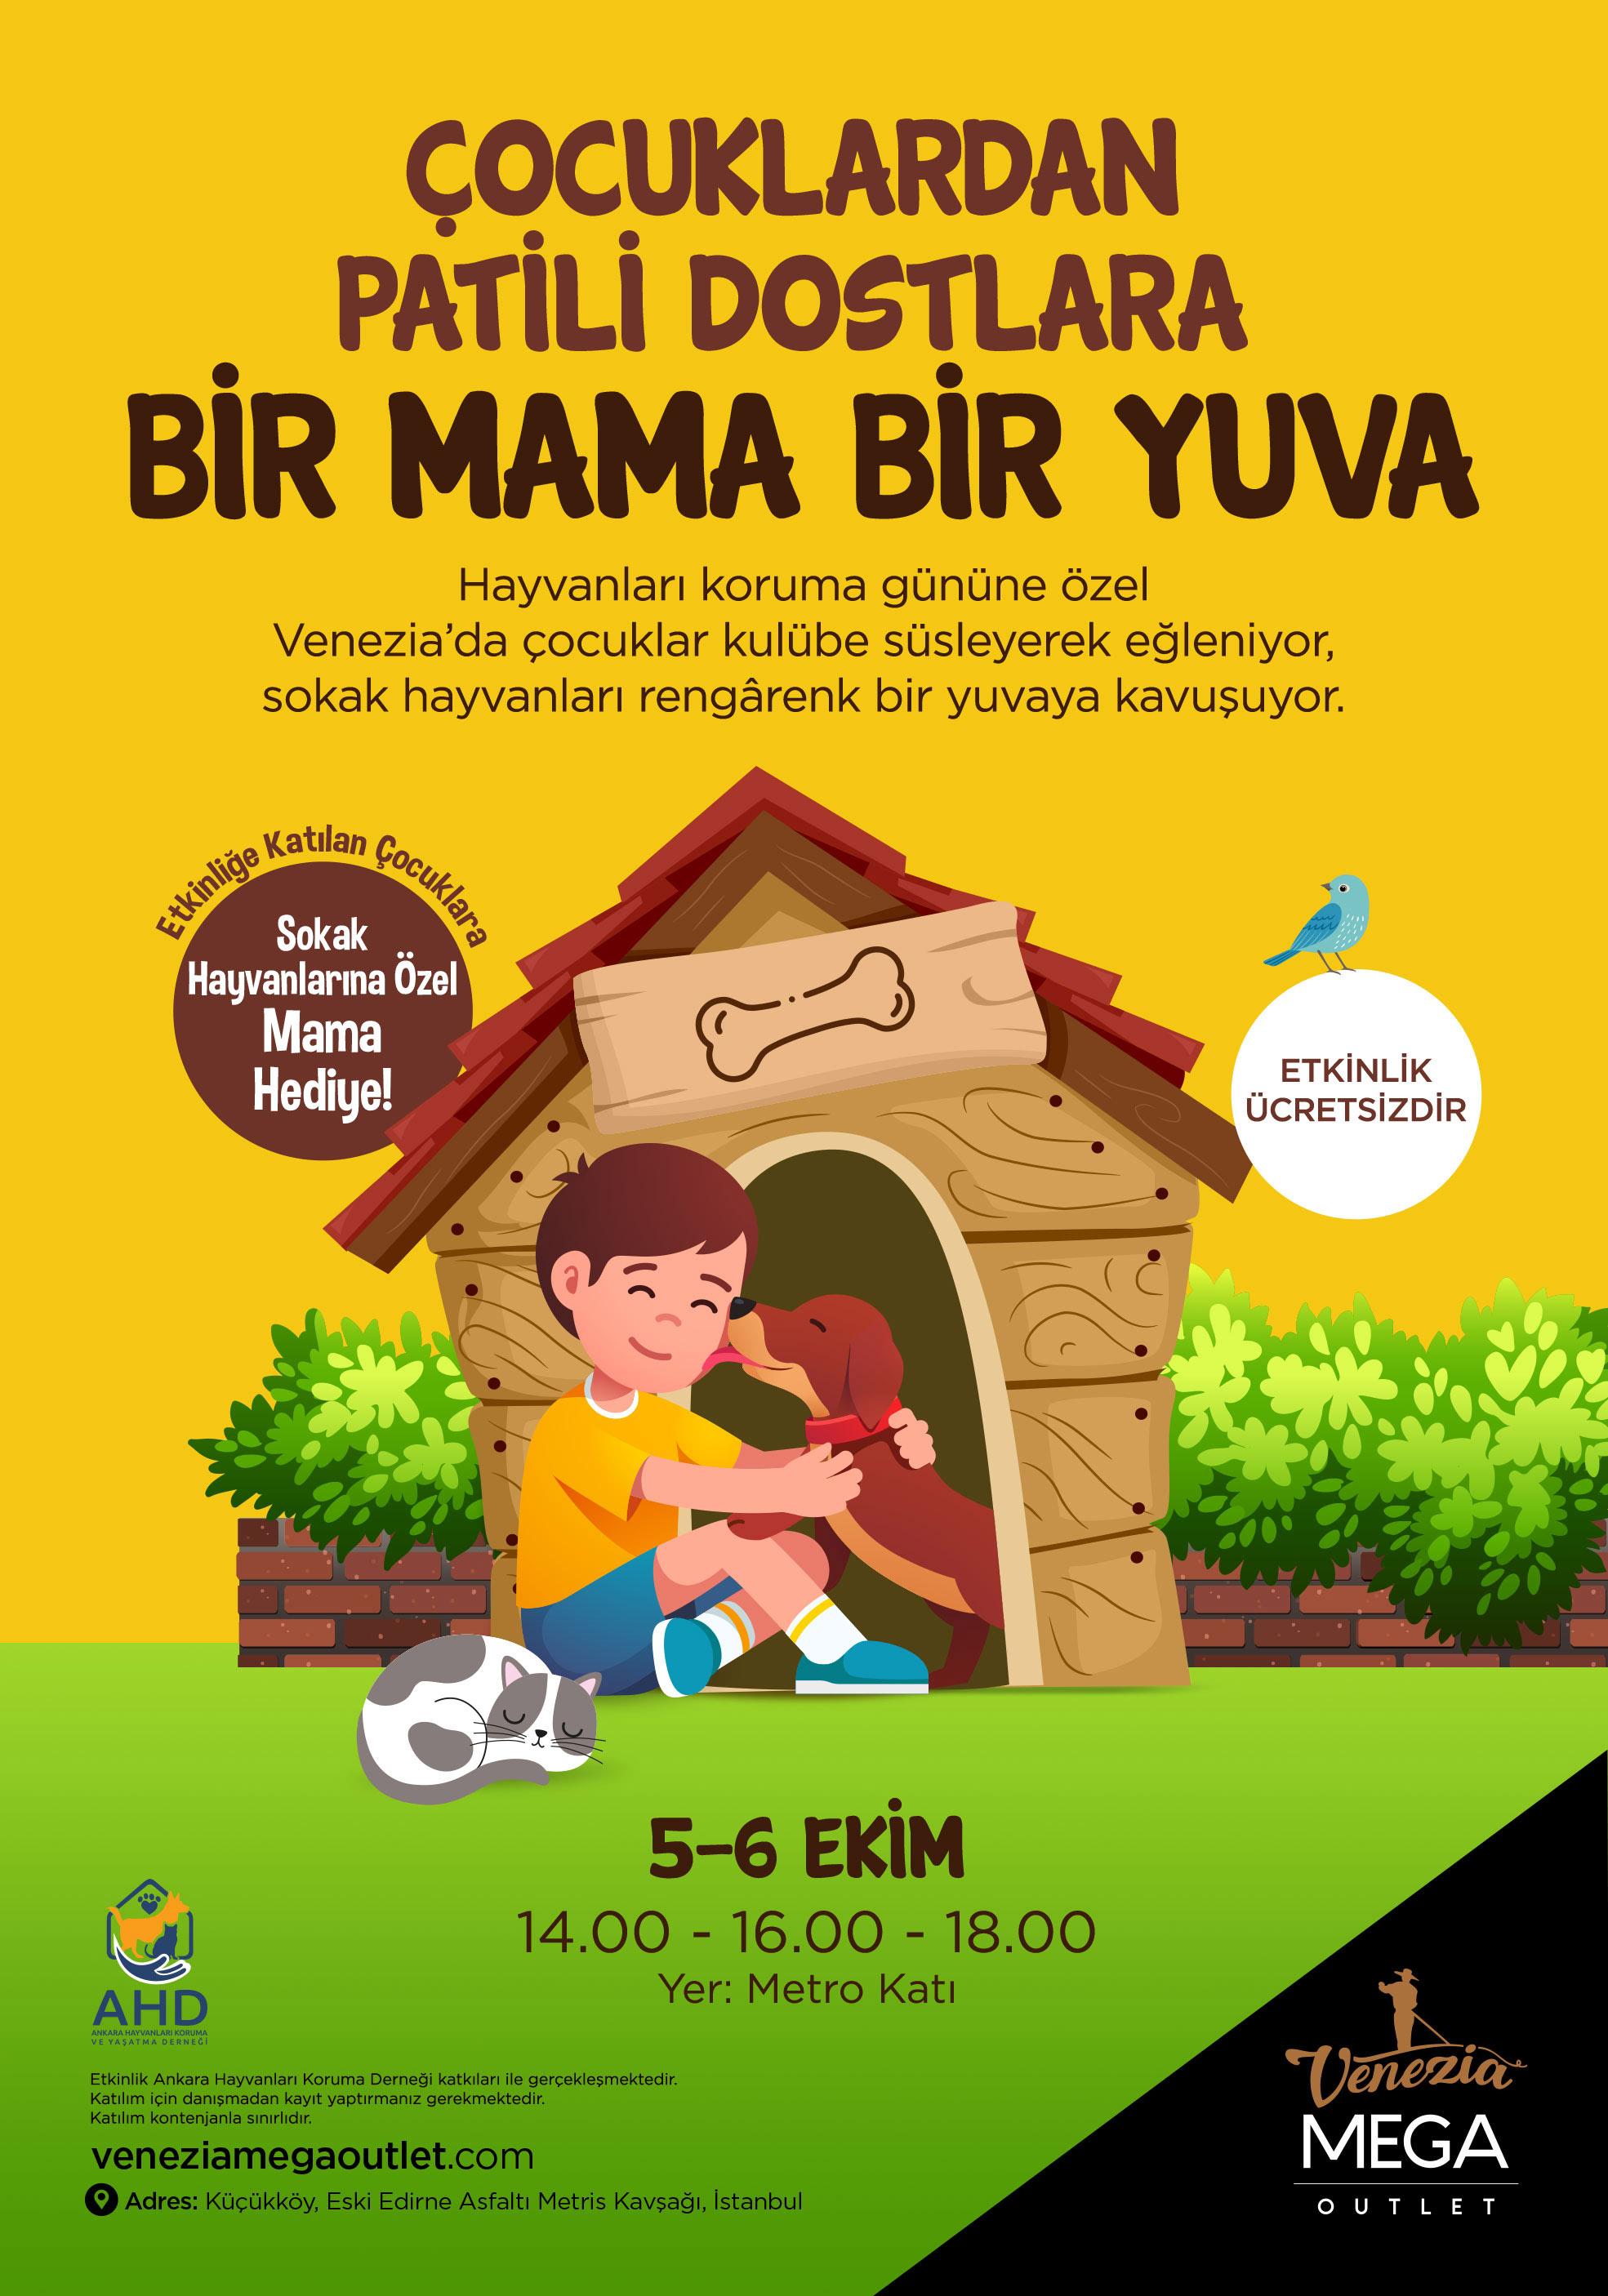 Vanezia Mega Outlet'in düzenlediği etkinlik afişi